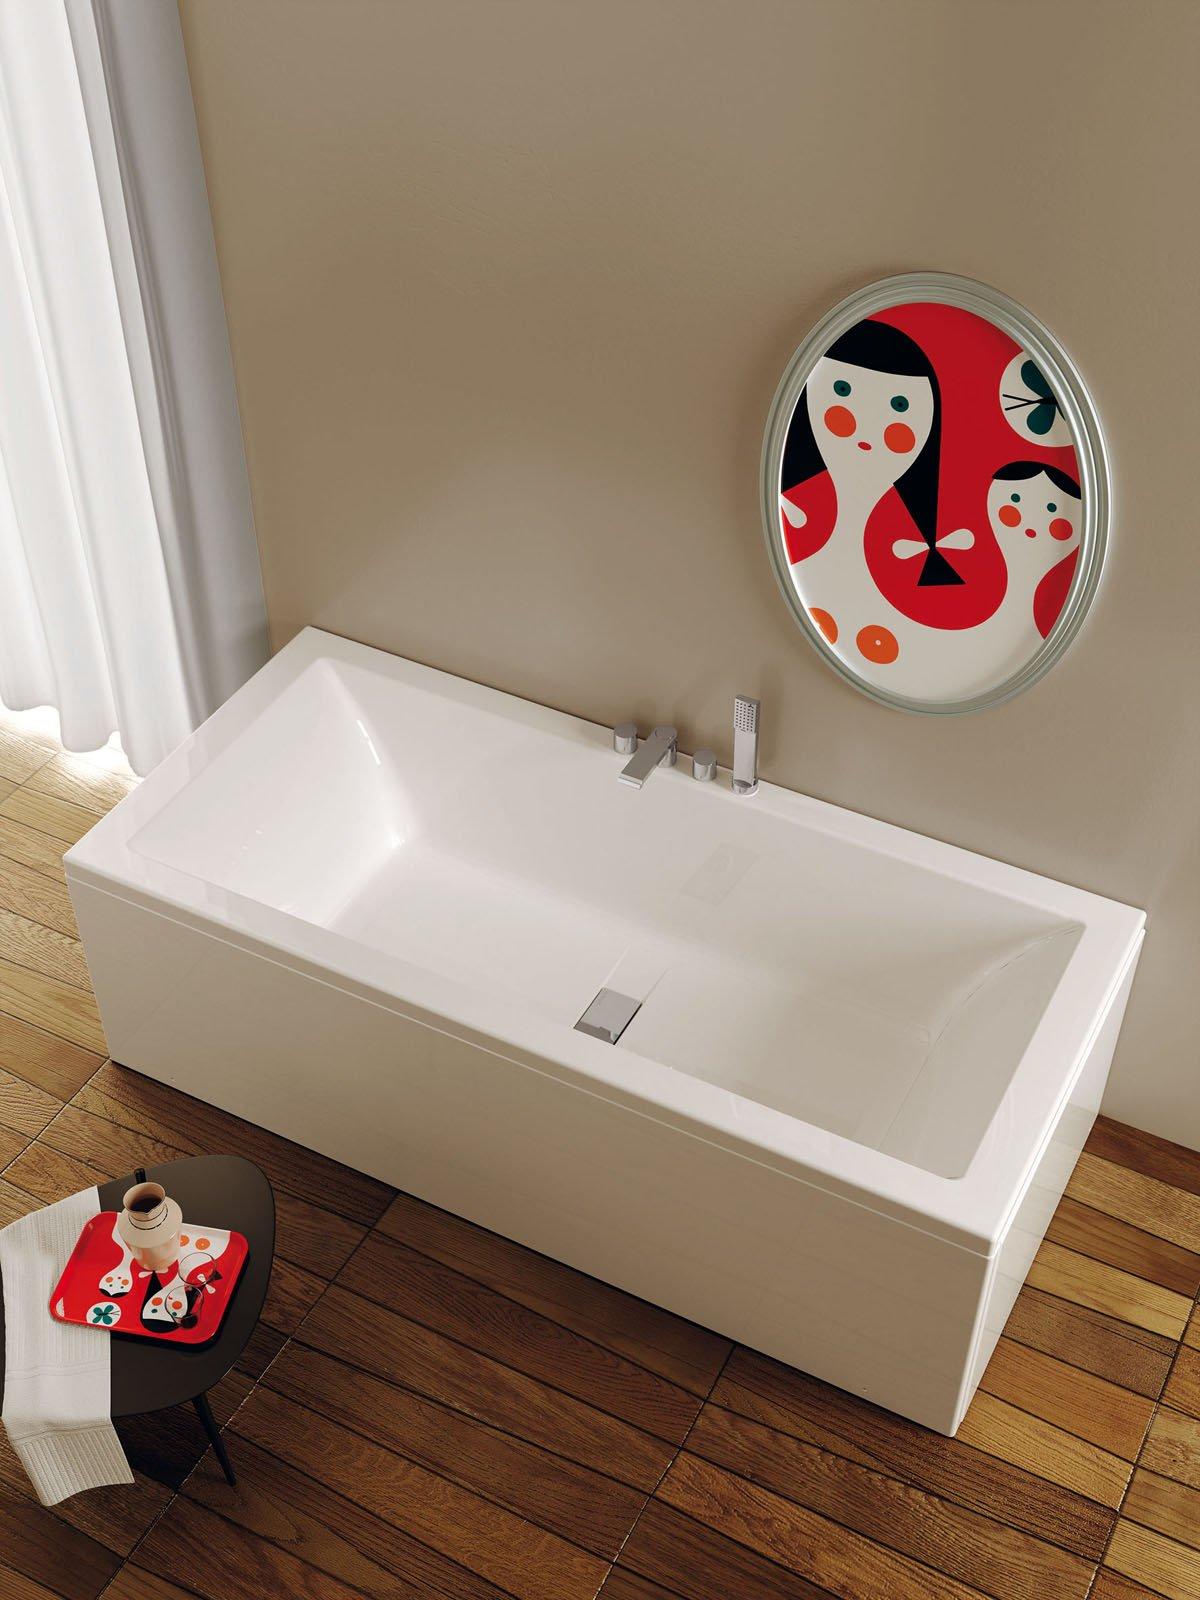 Vasche da bagno piccole cose di casa - Vasca da bagno piccola dimensioni ...